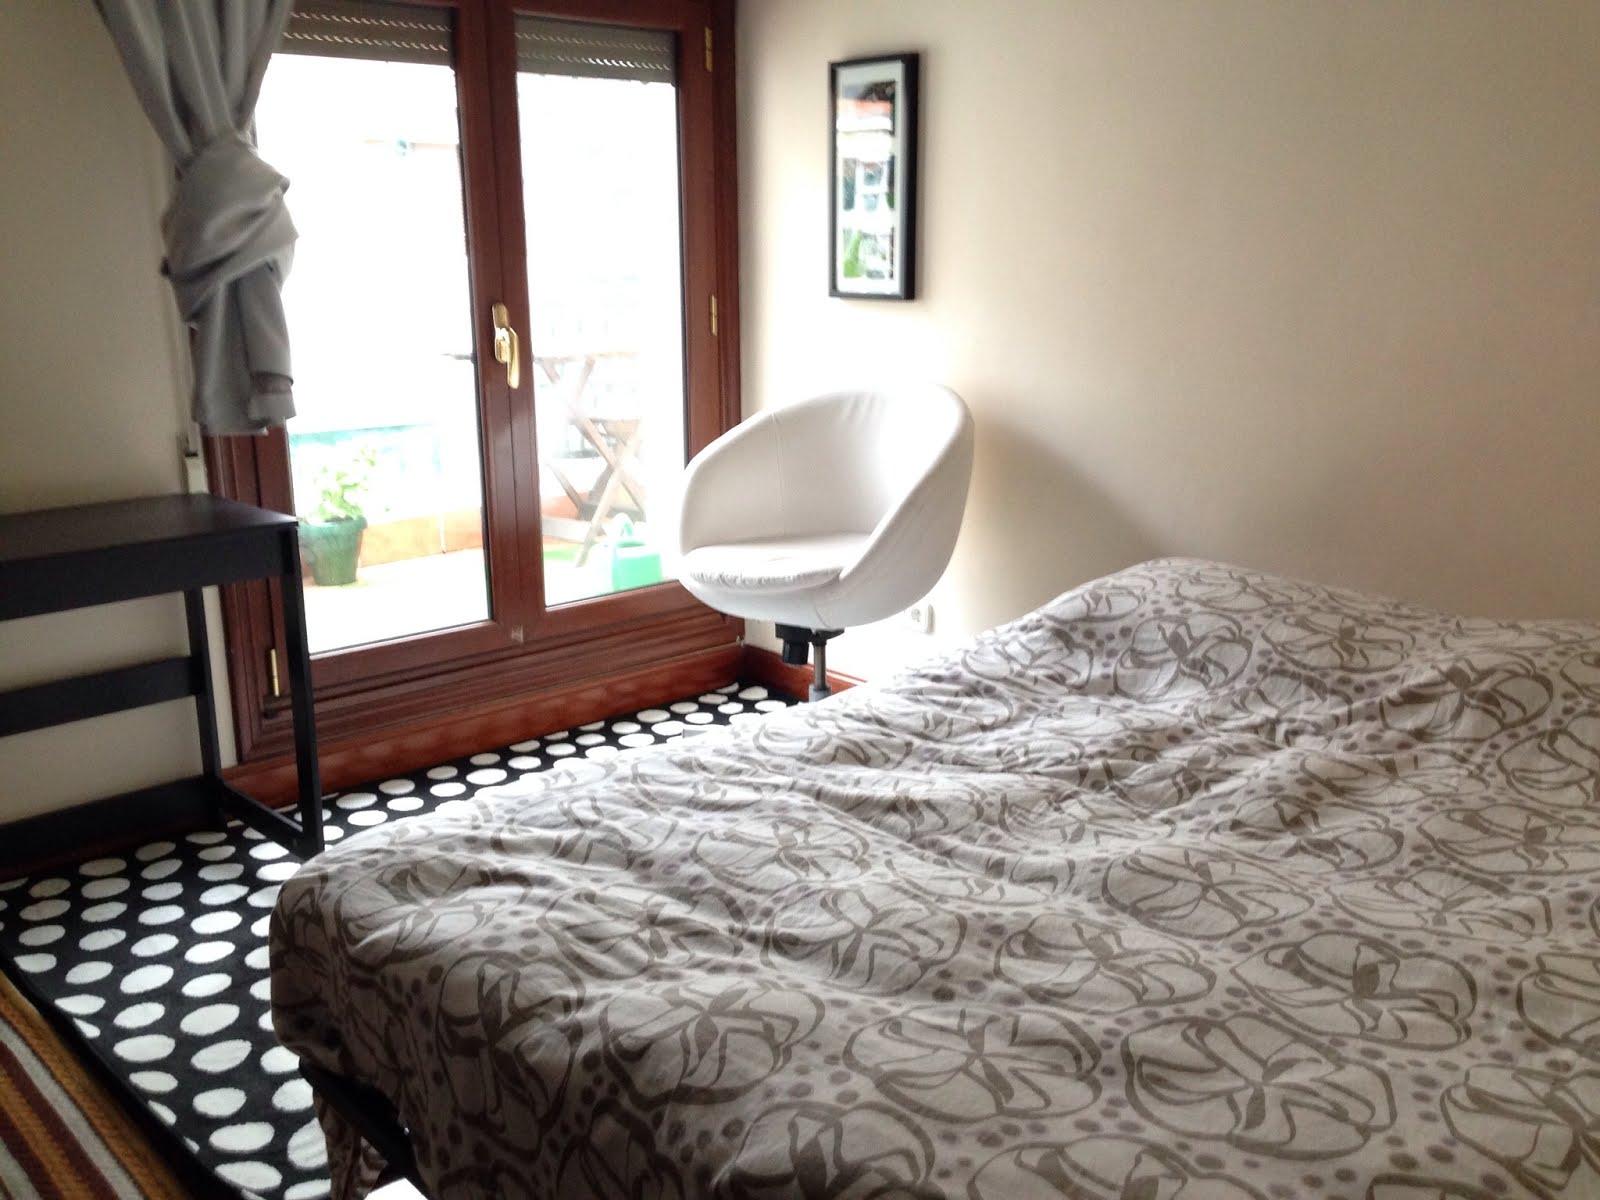 Alquiler de habitaciones en Bilbao: 64 disponibles